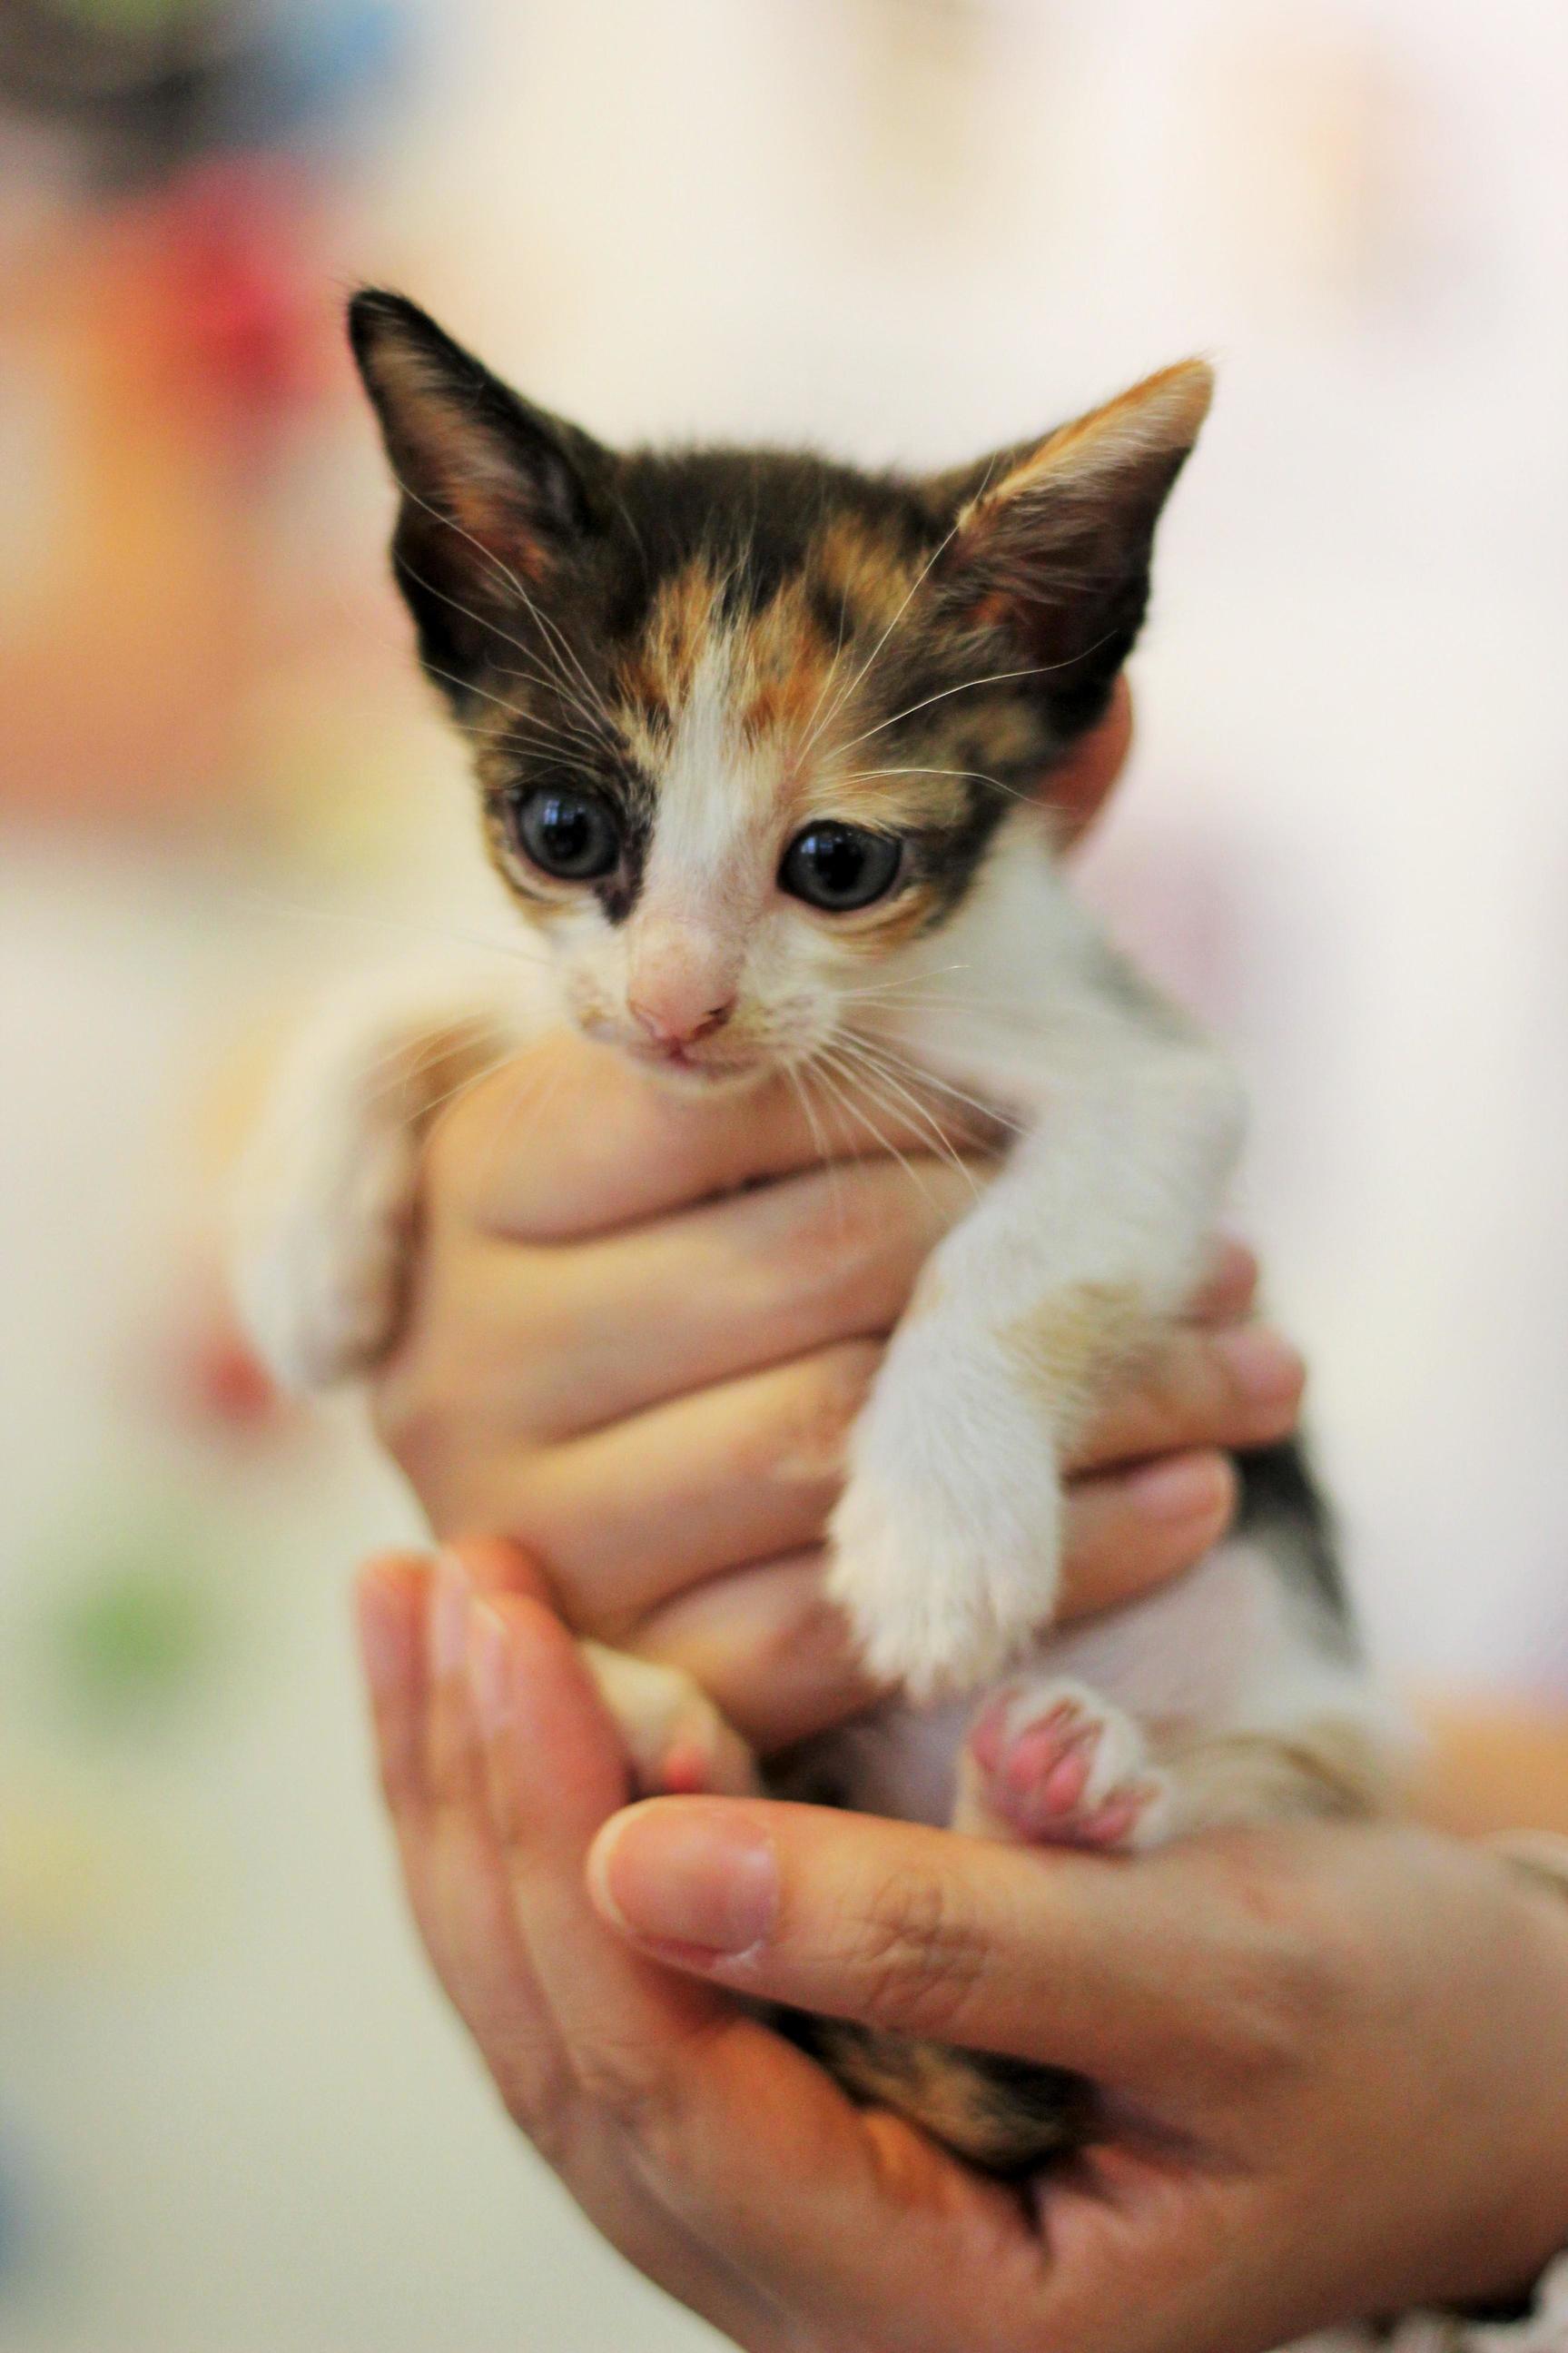 Rescued kitten oc 3456 x 5184